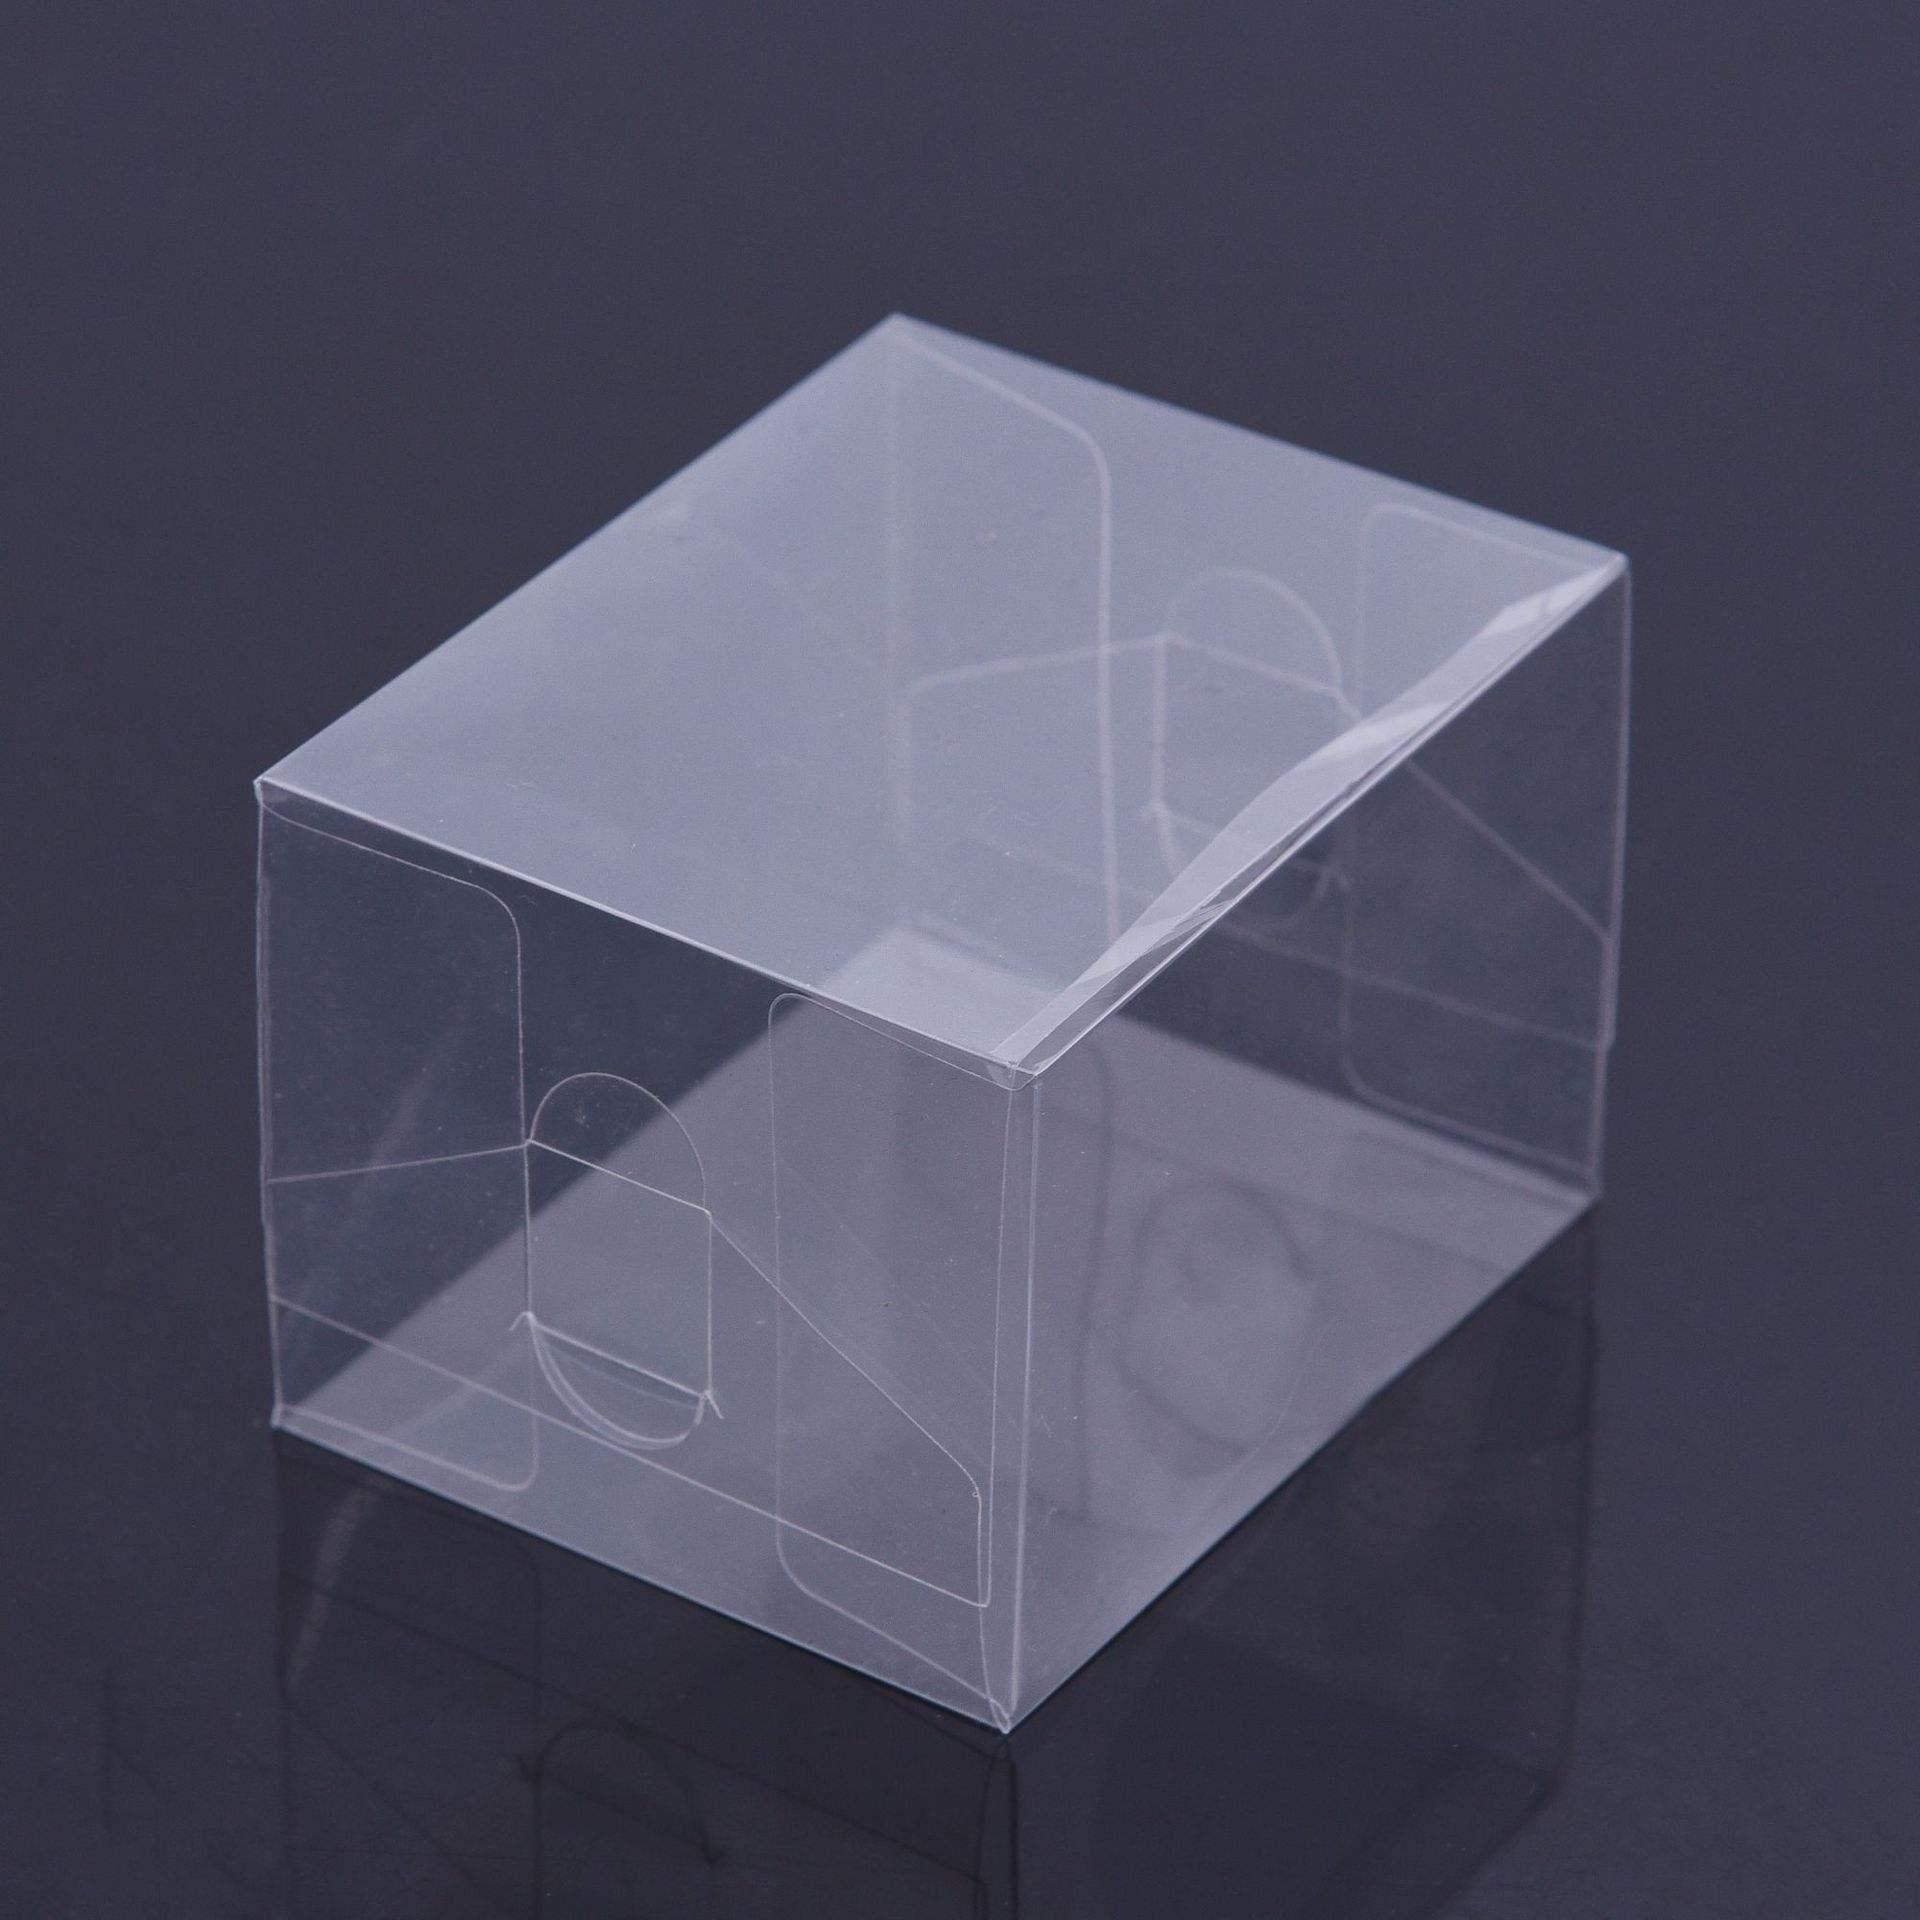 购买PP胶盒时应考虑哪些问题?